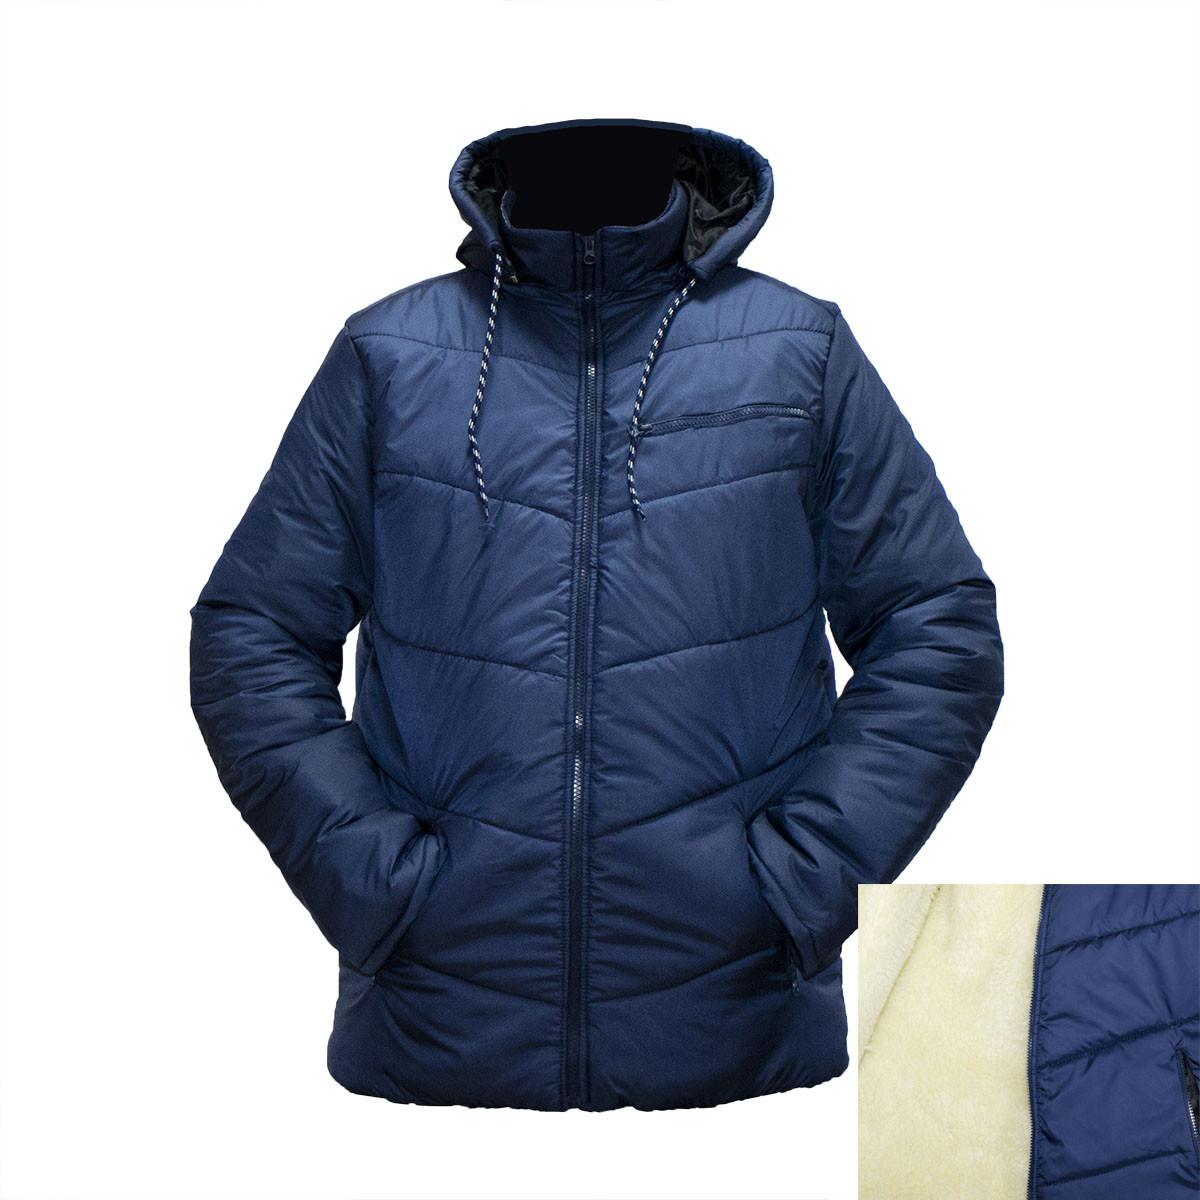 Зимние мужские куртки на овчине и синтепоне пр-во Украина  E832H